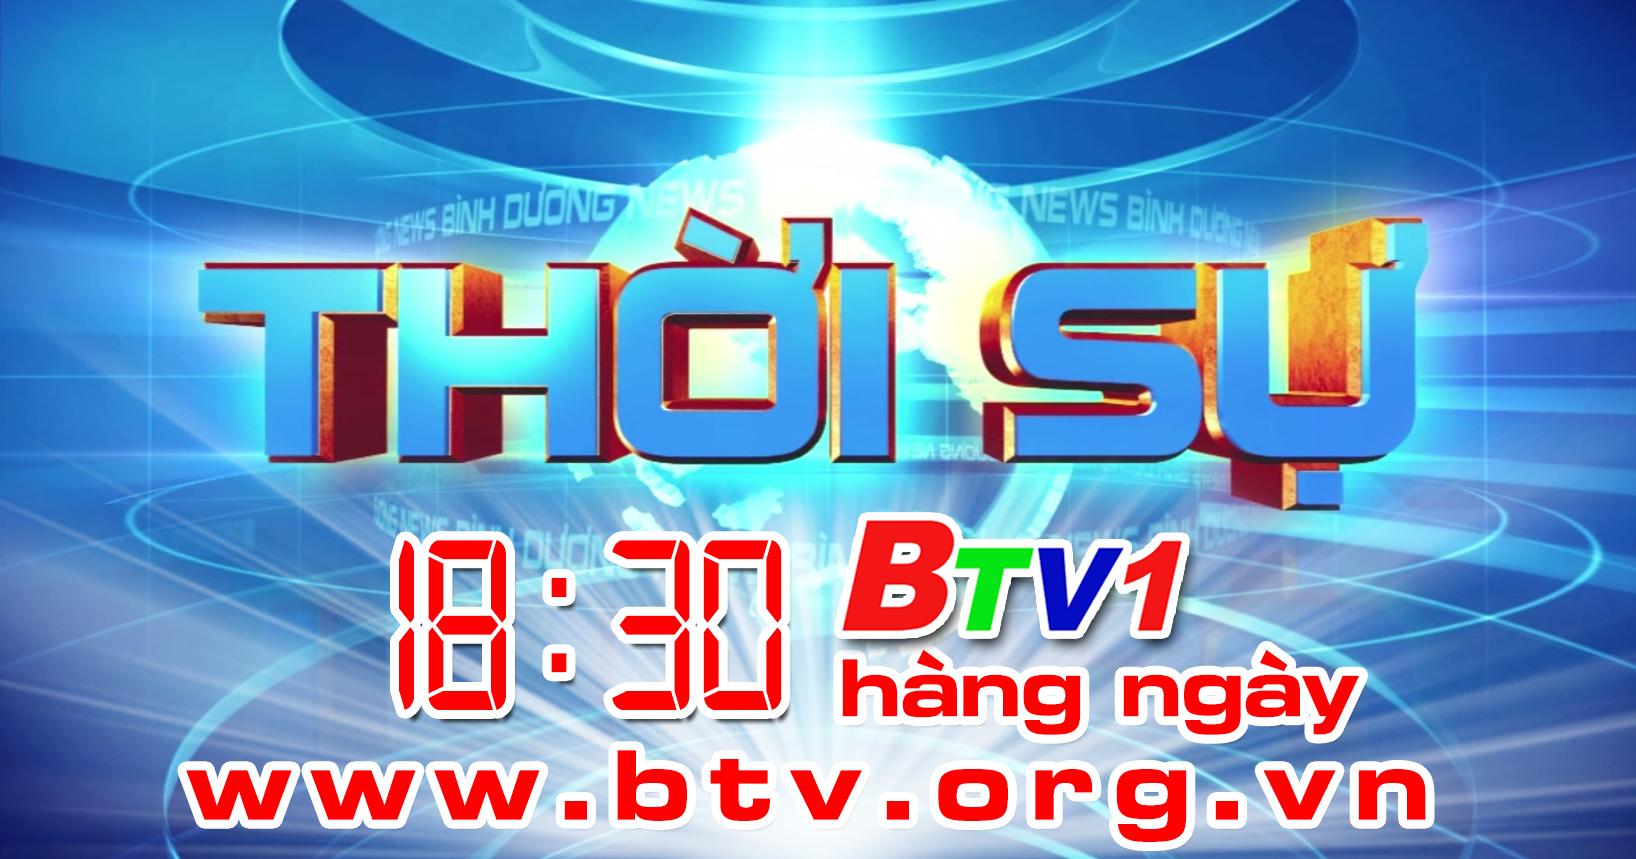 Chương trình 18 giờ 30 ngày 9/8/2020